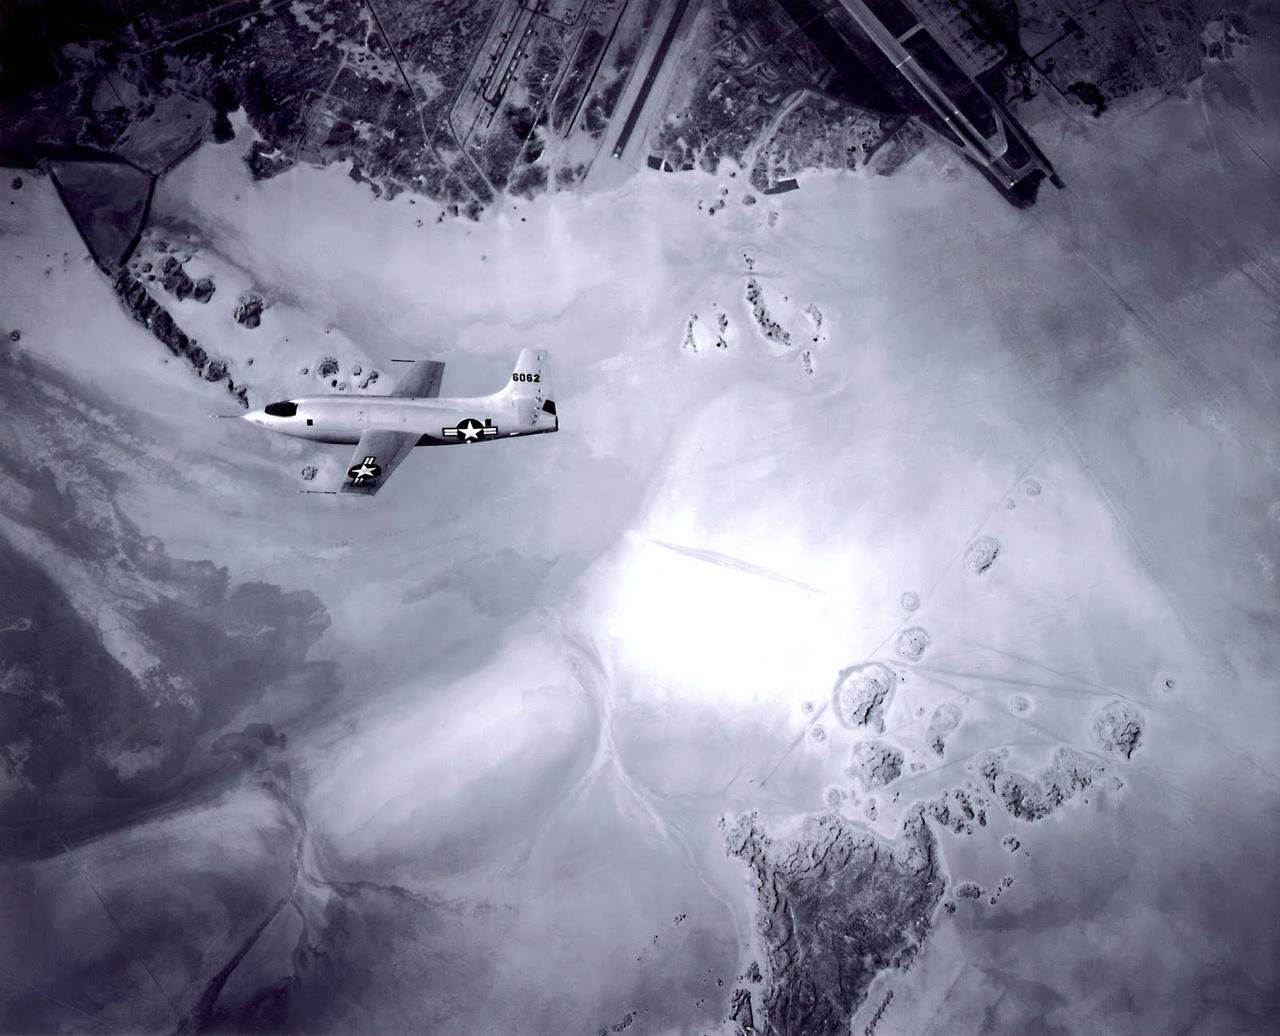 A Bell X-1 siklórepülésben, az első szuperszonikus repülés után, az Edwards légibázis fölött.